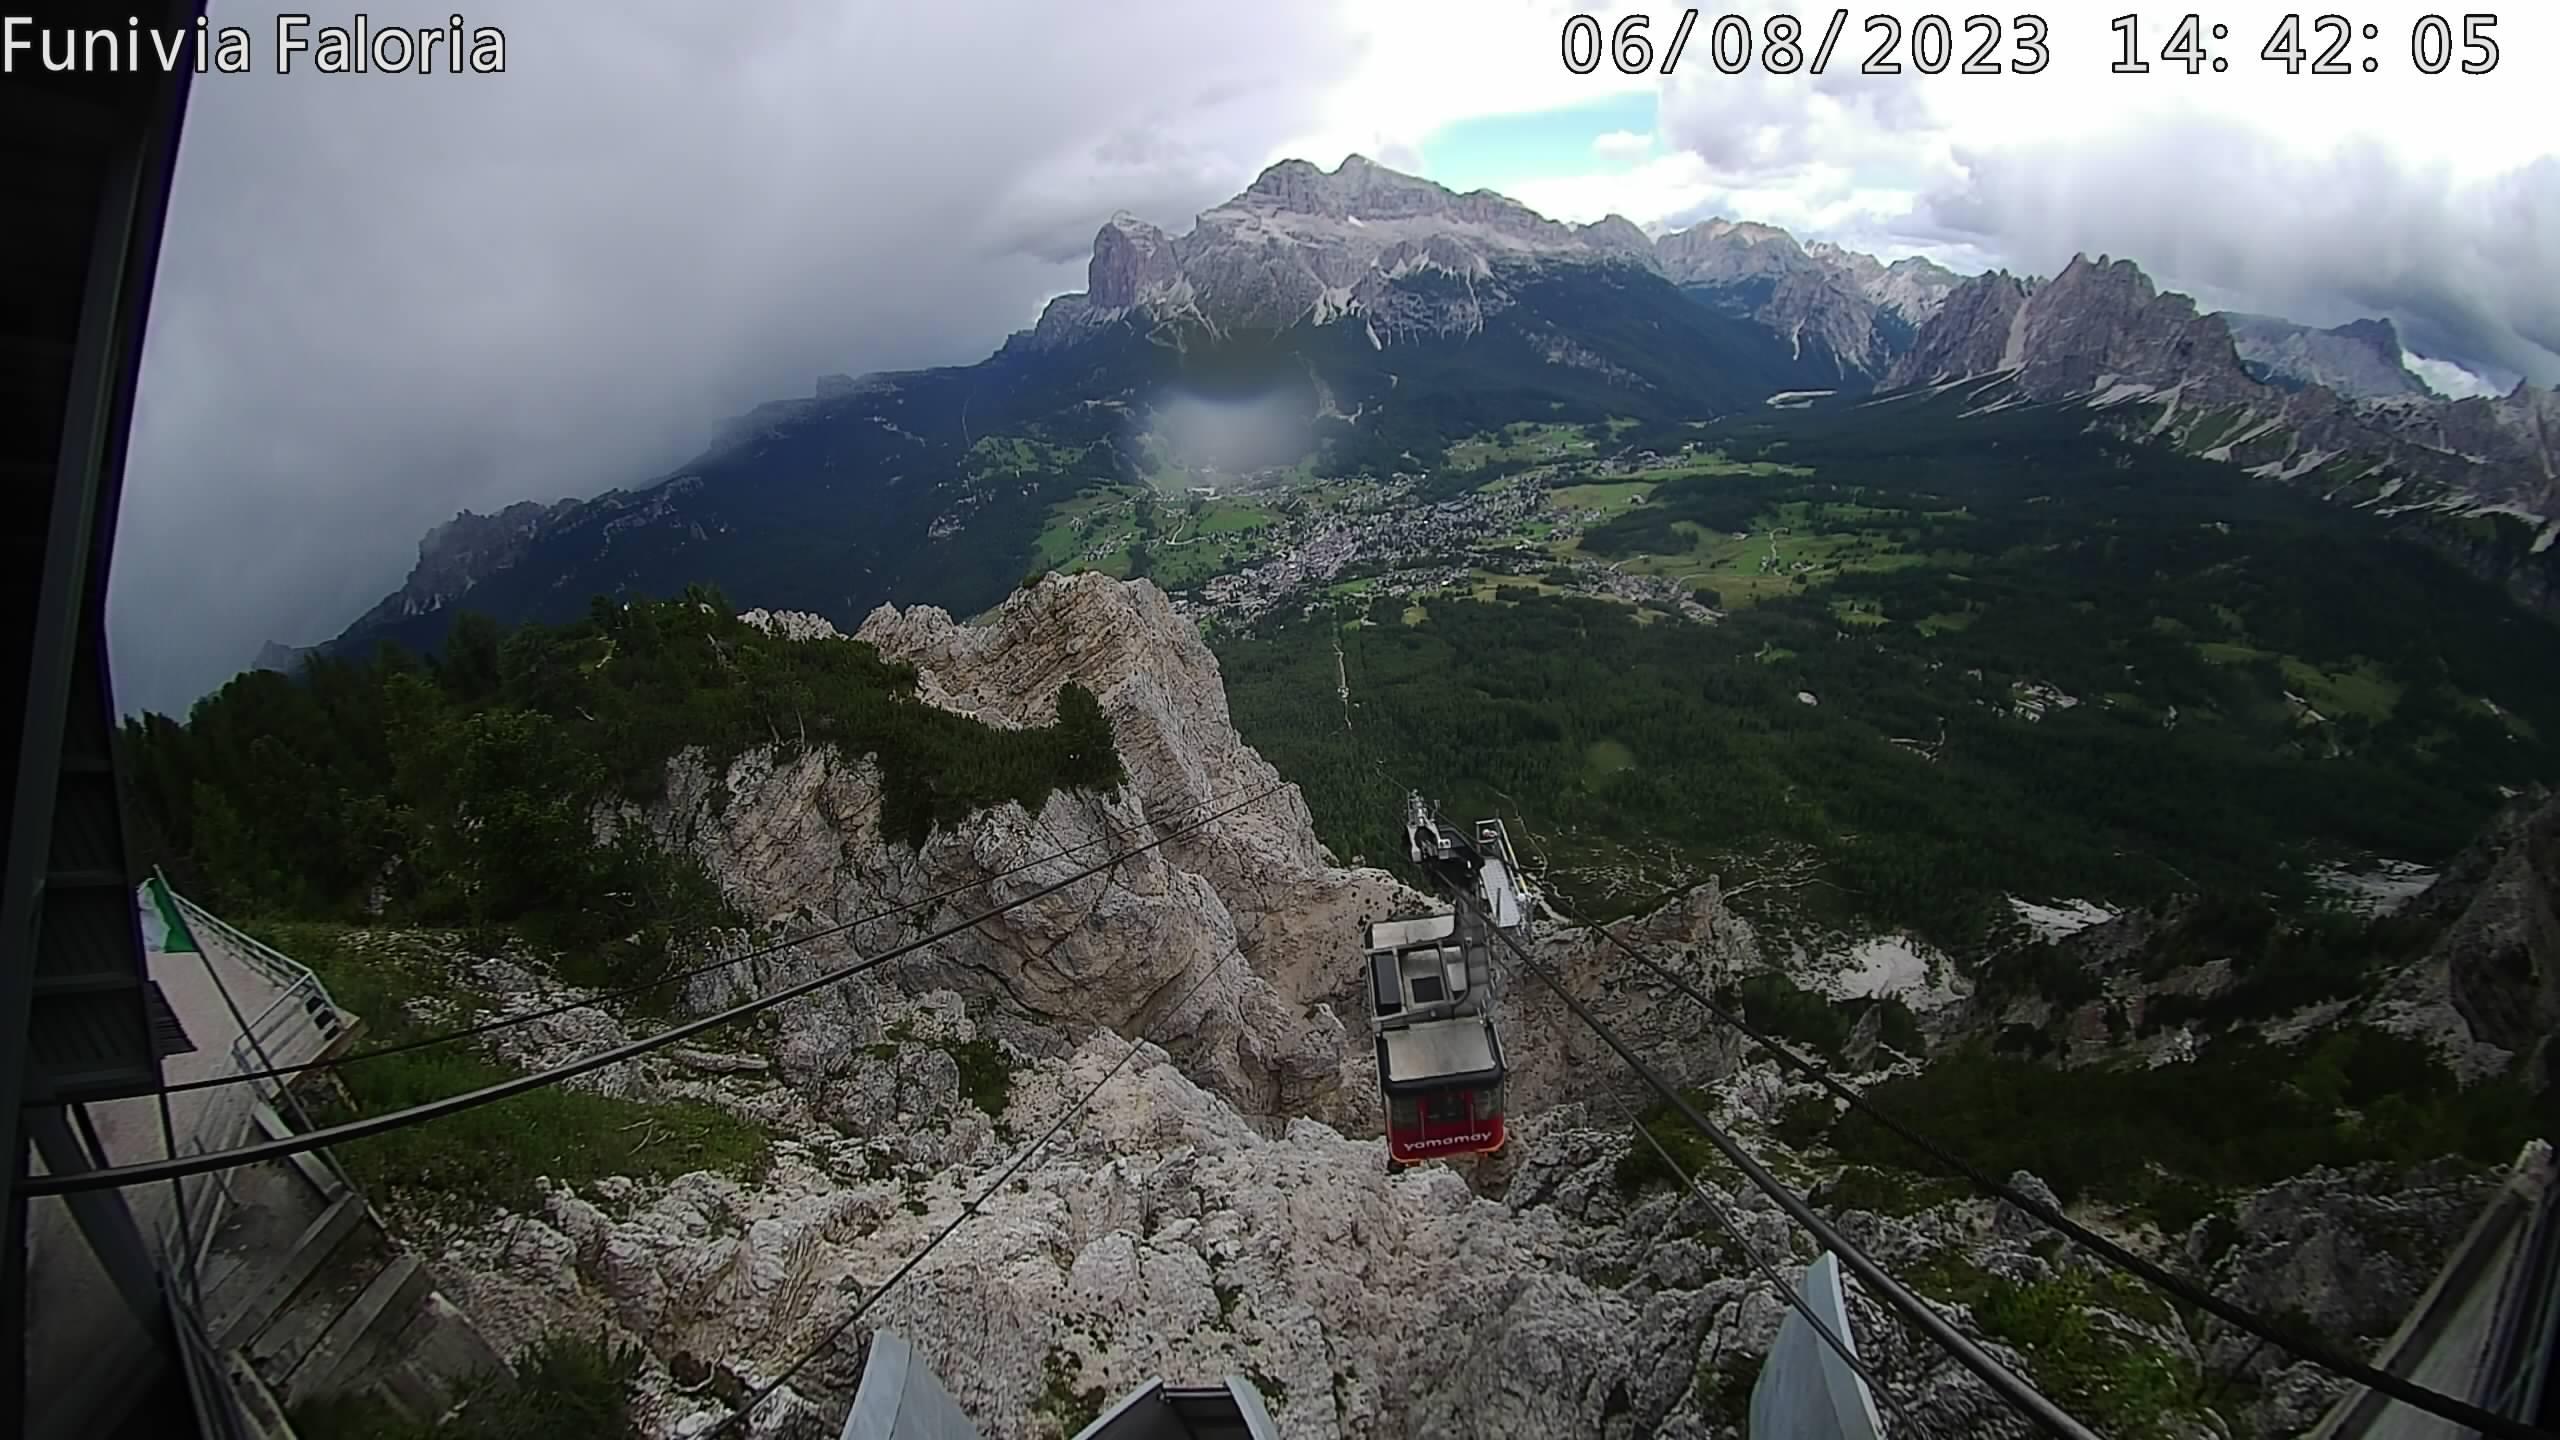 Cortina d'Ampezzo dal Faloria